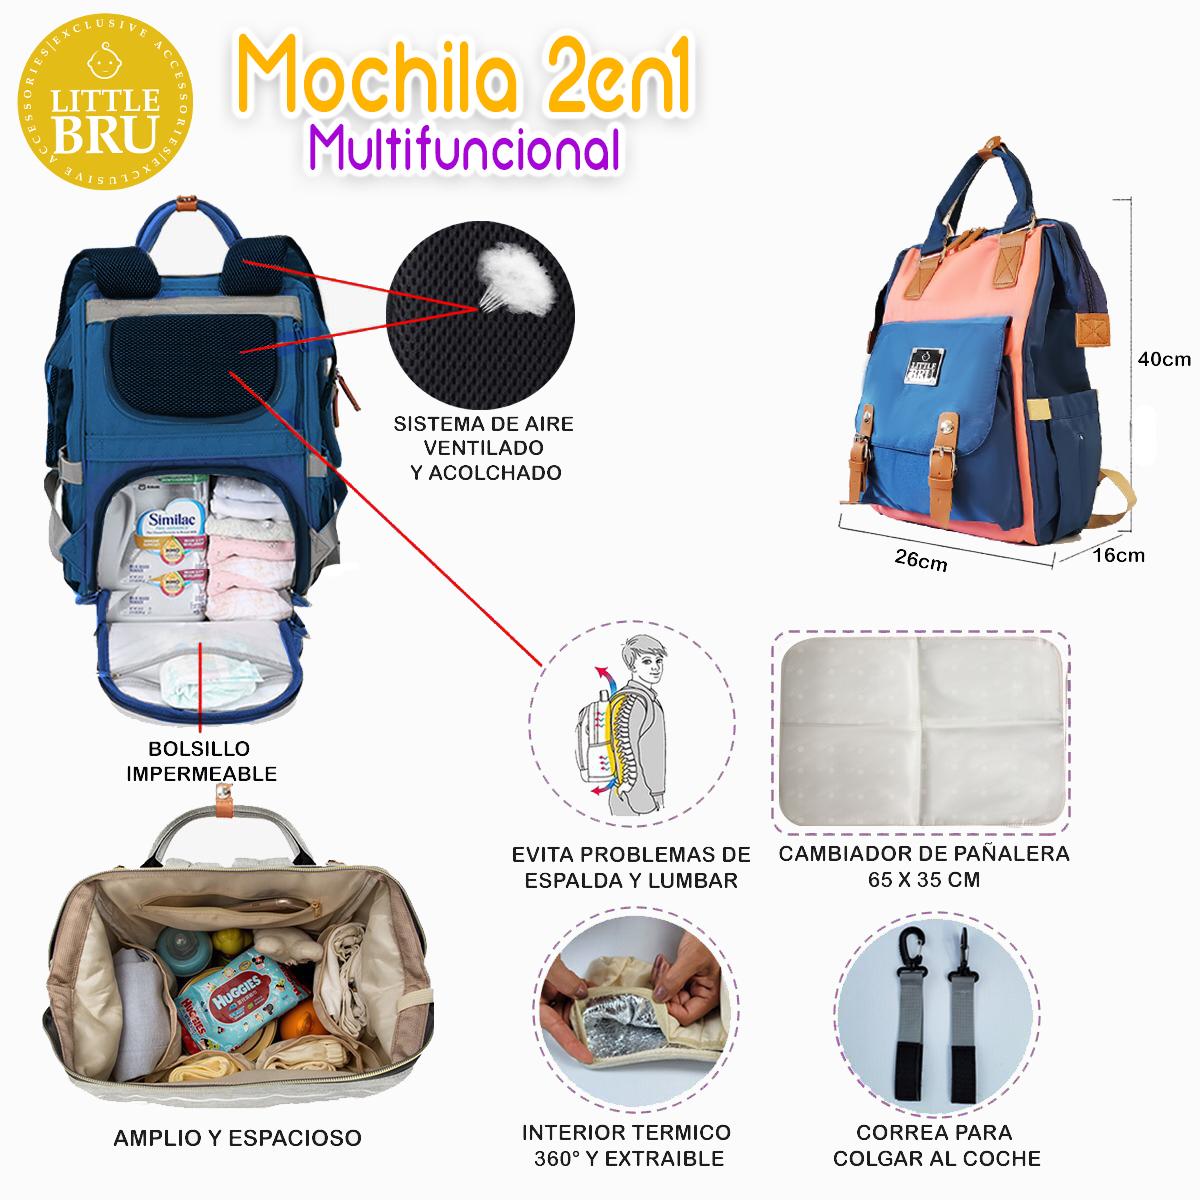 Mochila Pañalera Multifuncional 2 en 1 Color Azul con Coral Marca Little Bru